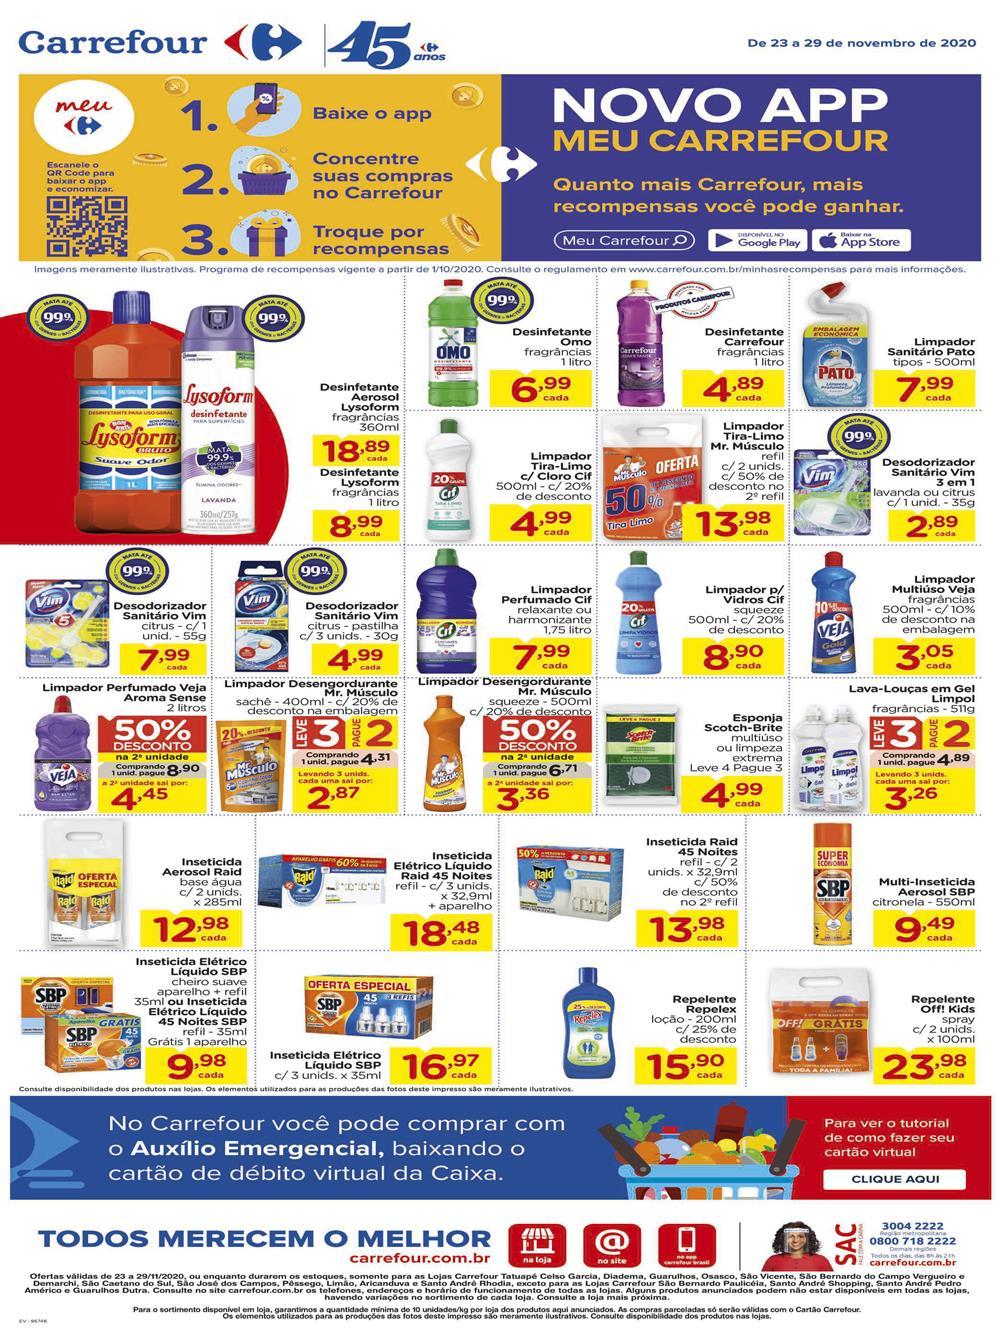 carrefour-ofertas-descontos-hoje13-4 Carrefour até 29/11